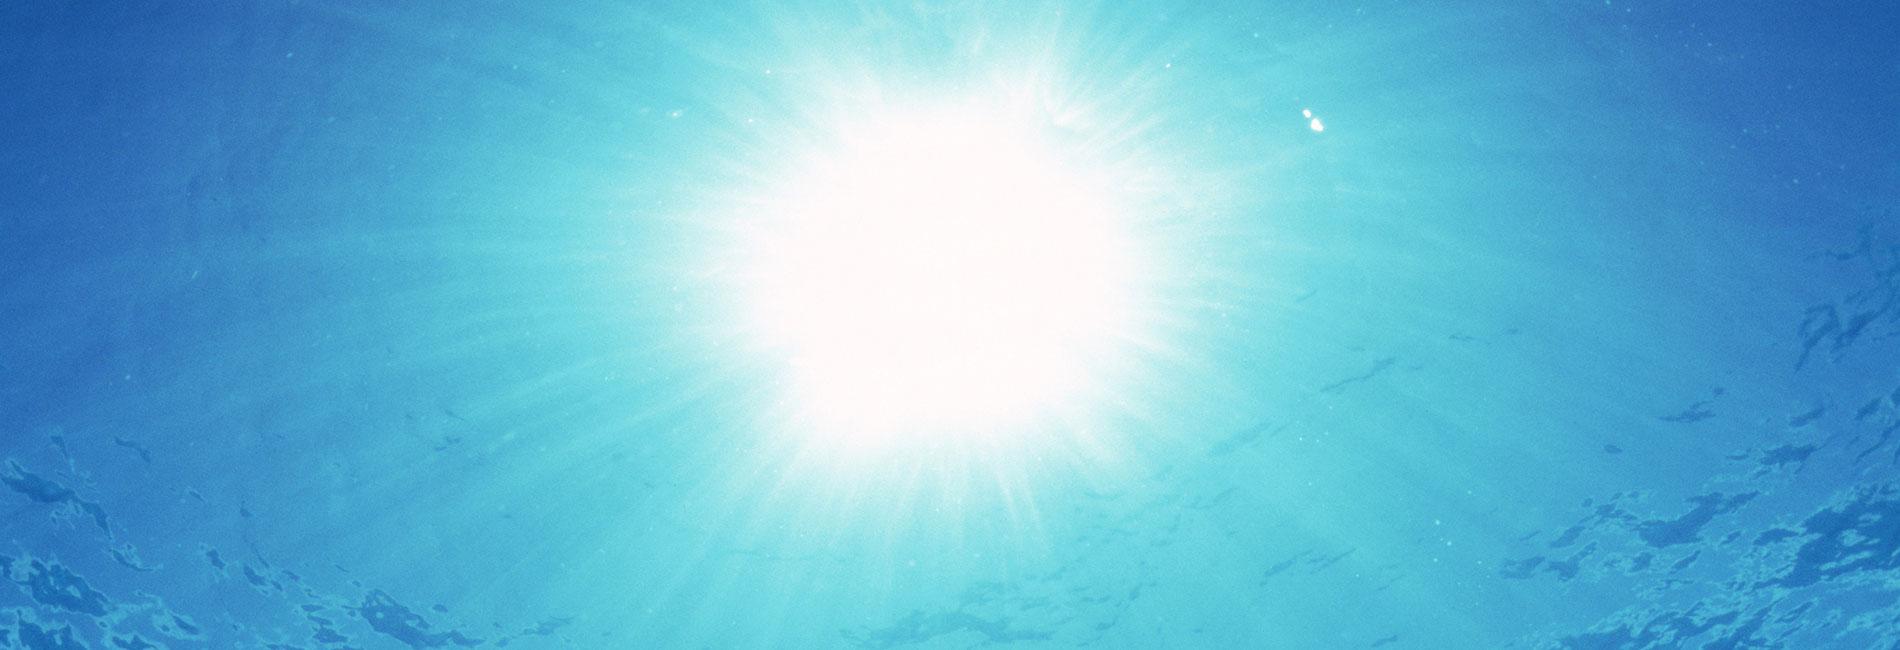 Sunny Day Guarantee